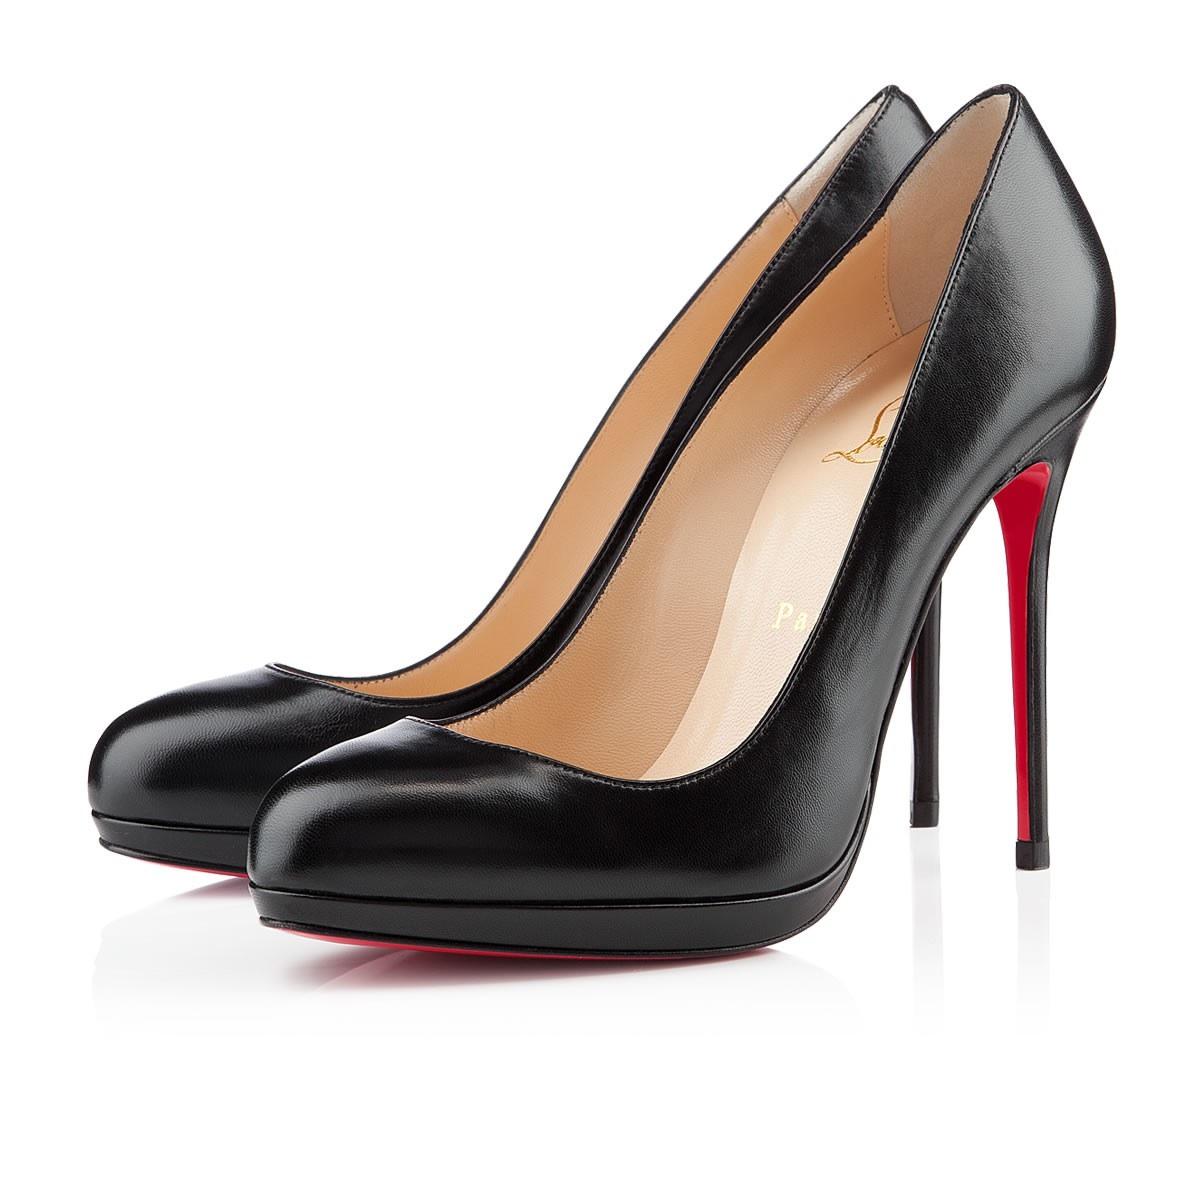 Black Business Heels - Is Heel